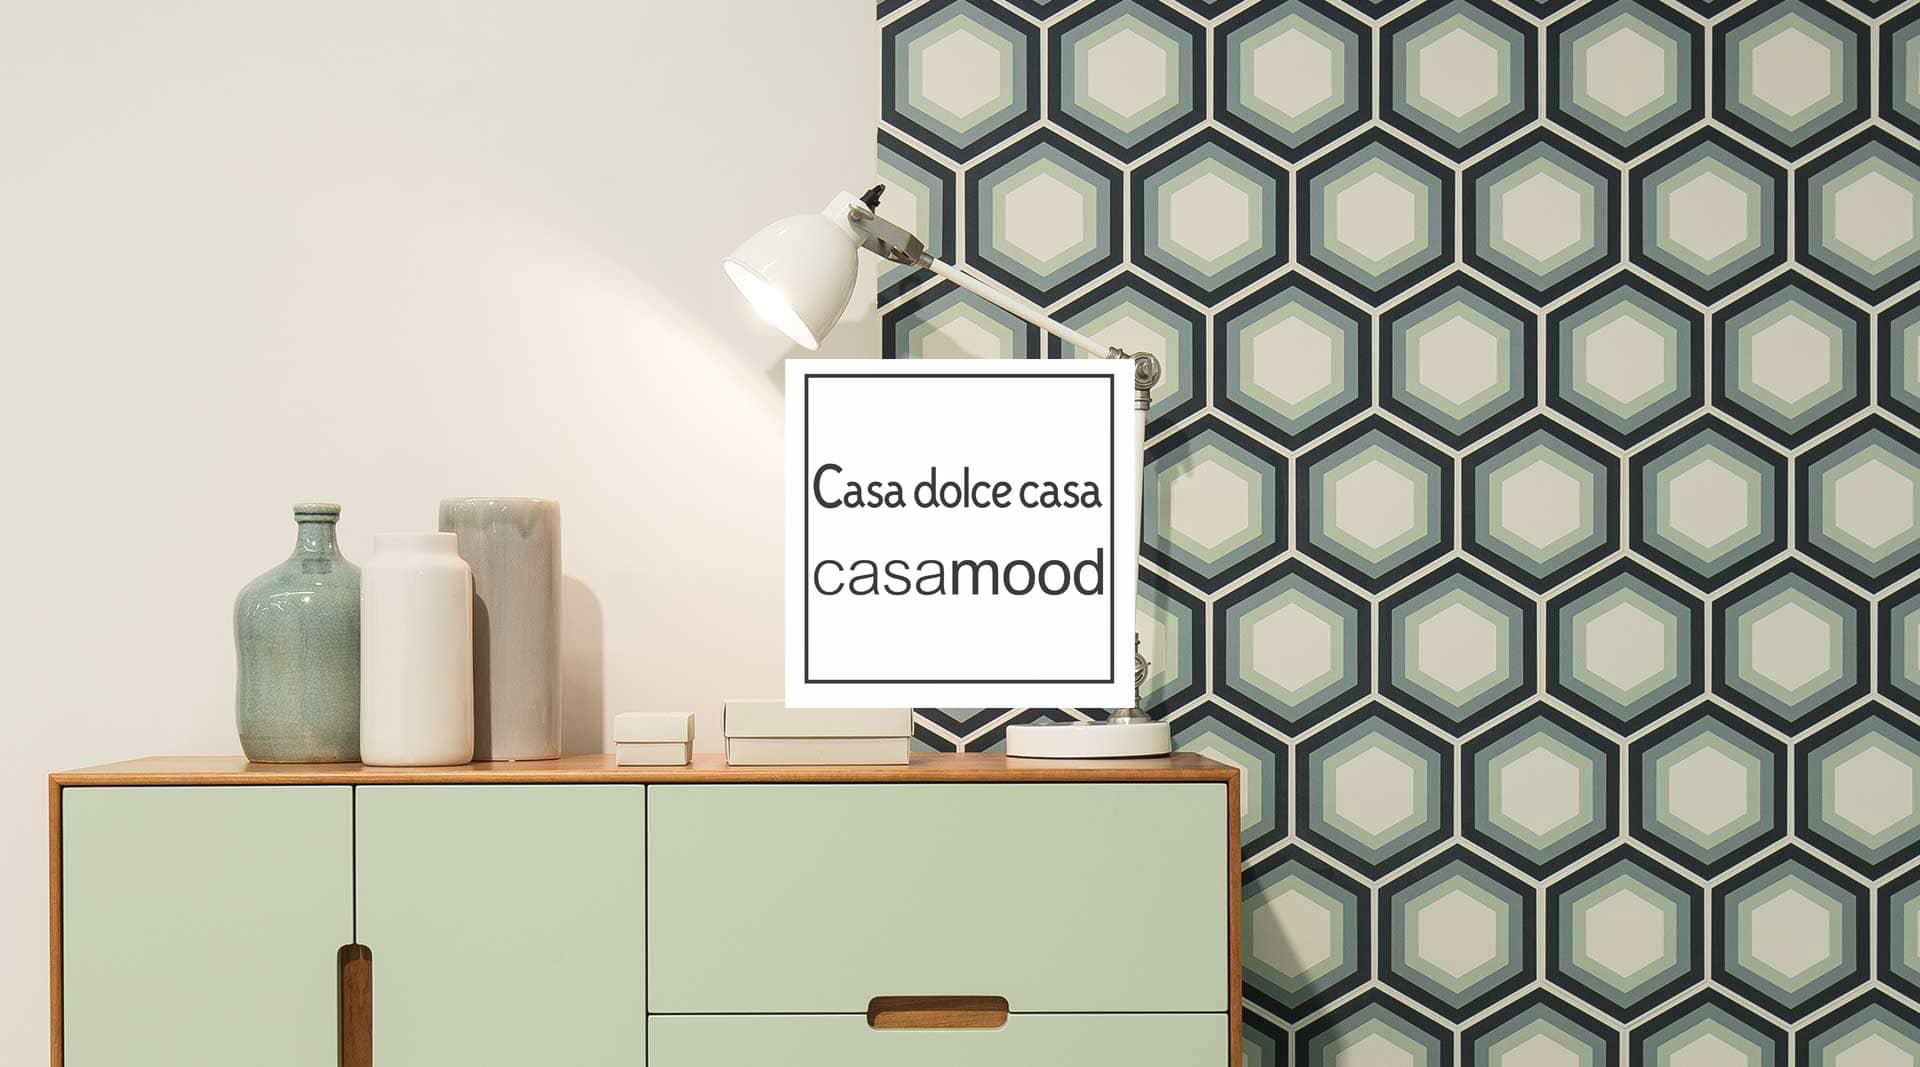 Promozioni lampasona ceramiche balestrate palermo - Casamood ceramiche ...